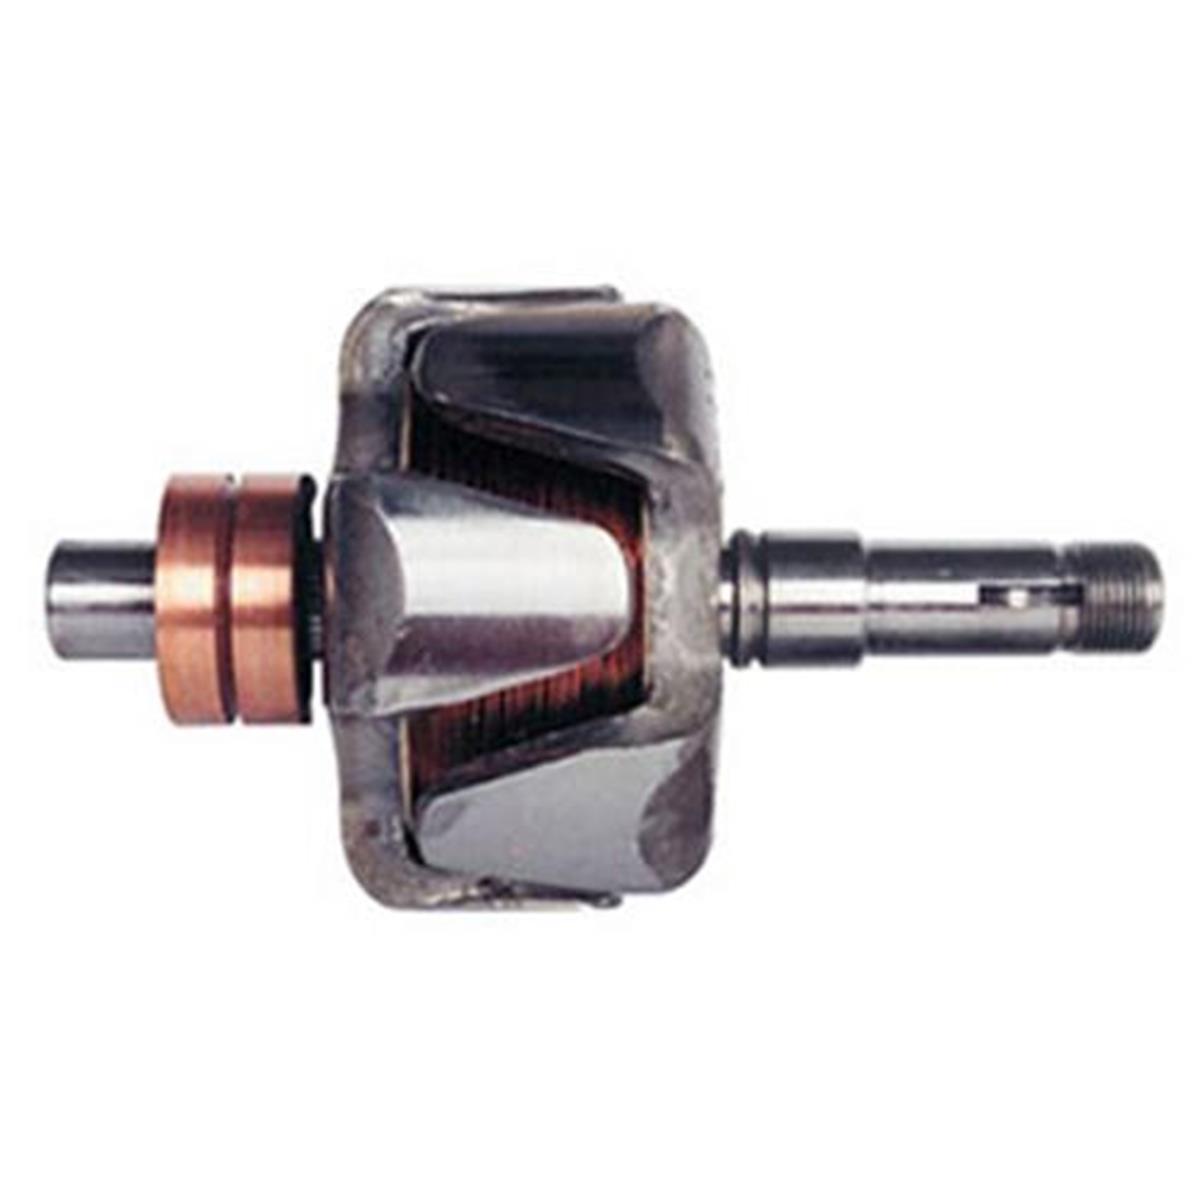 Rotor Alternador D60 HYSTER 040 Amperes (ARI436)